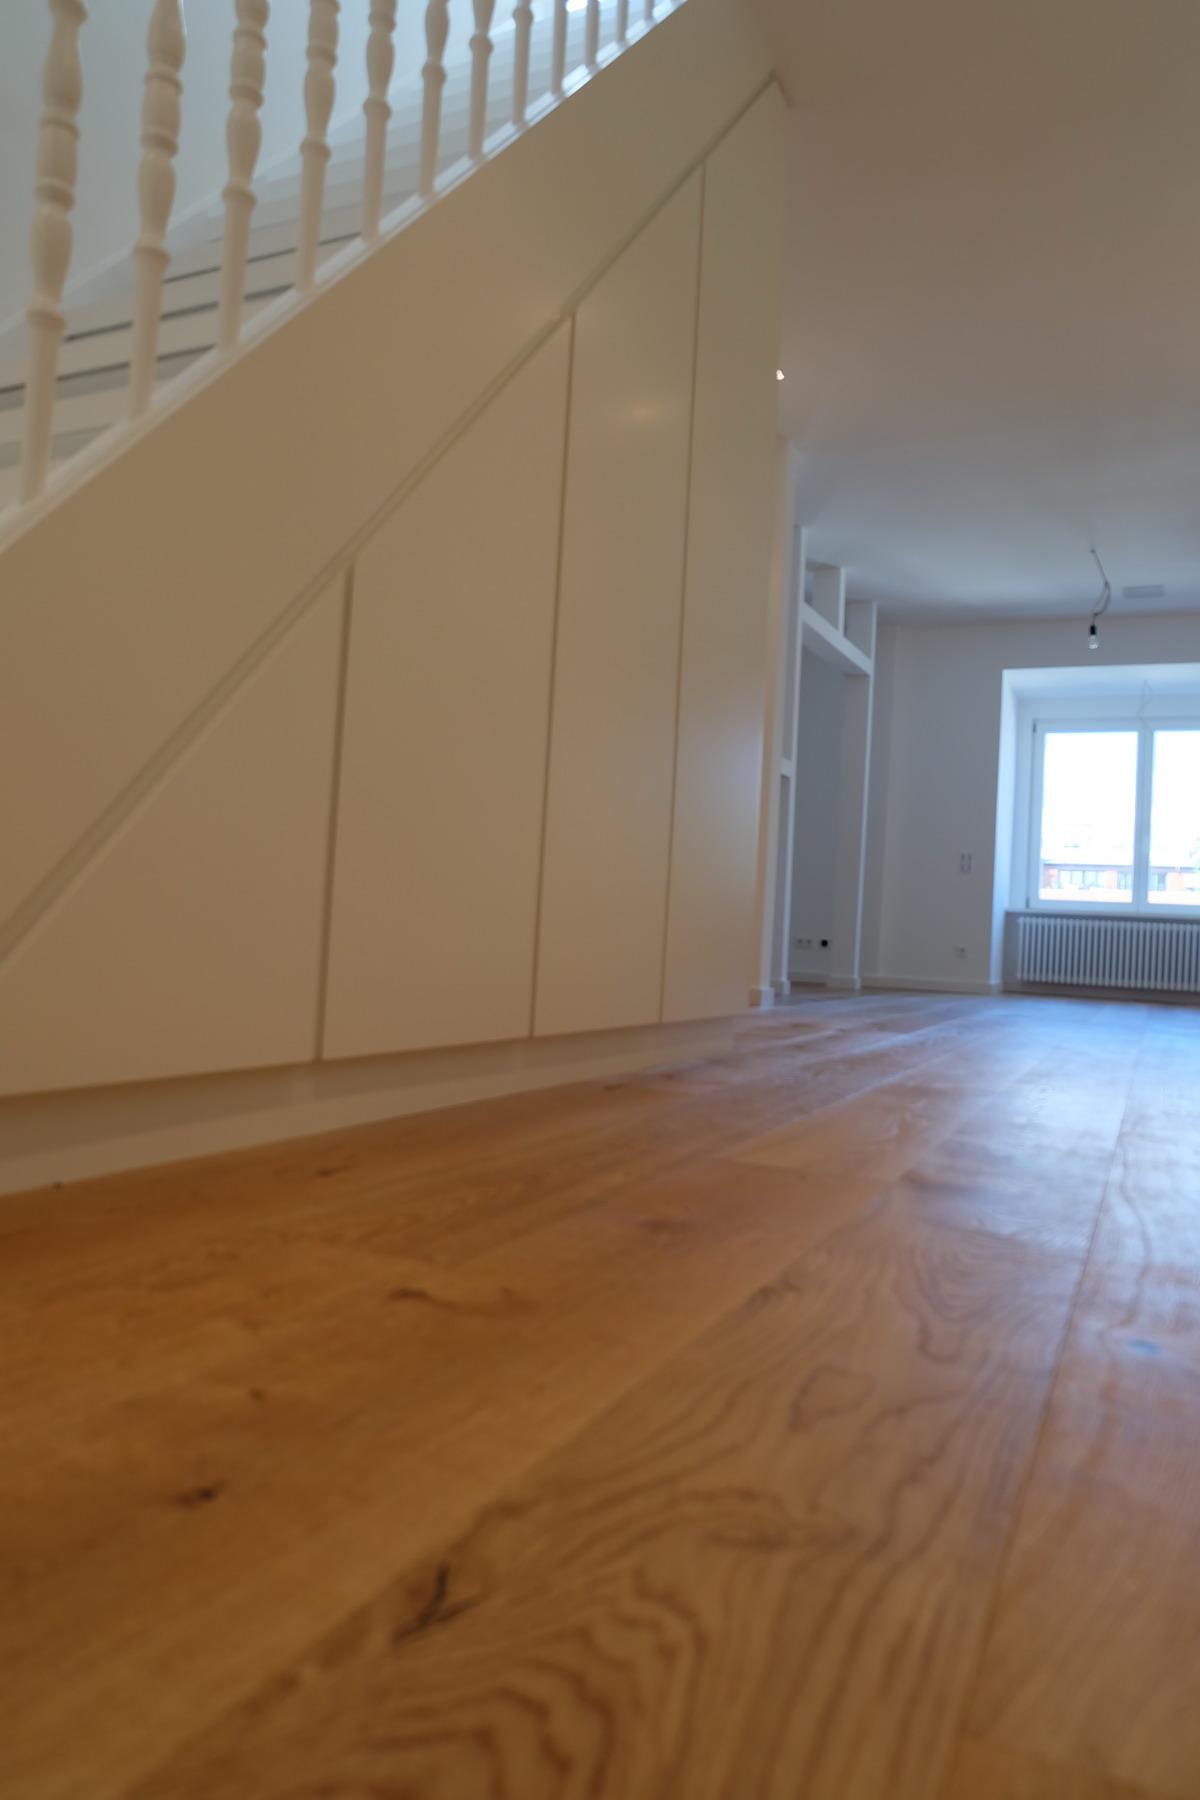 Küche, Boden, Schrank Eiche & Lack 0